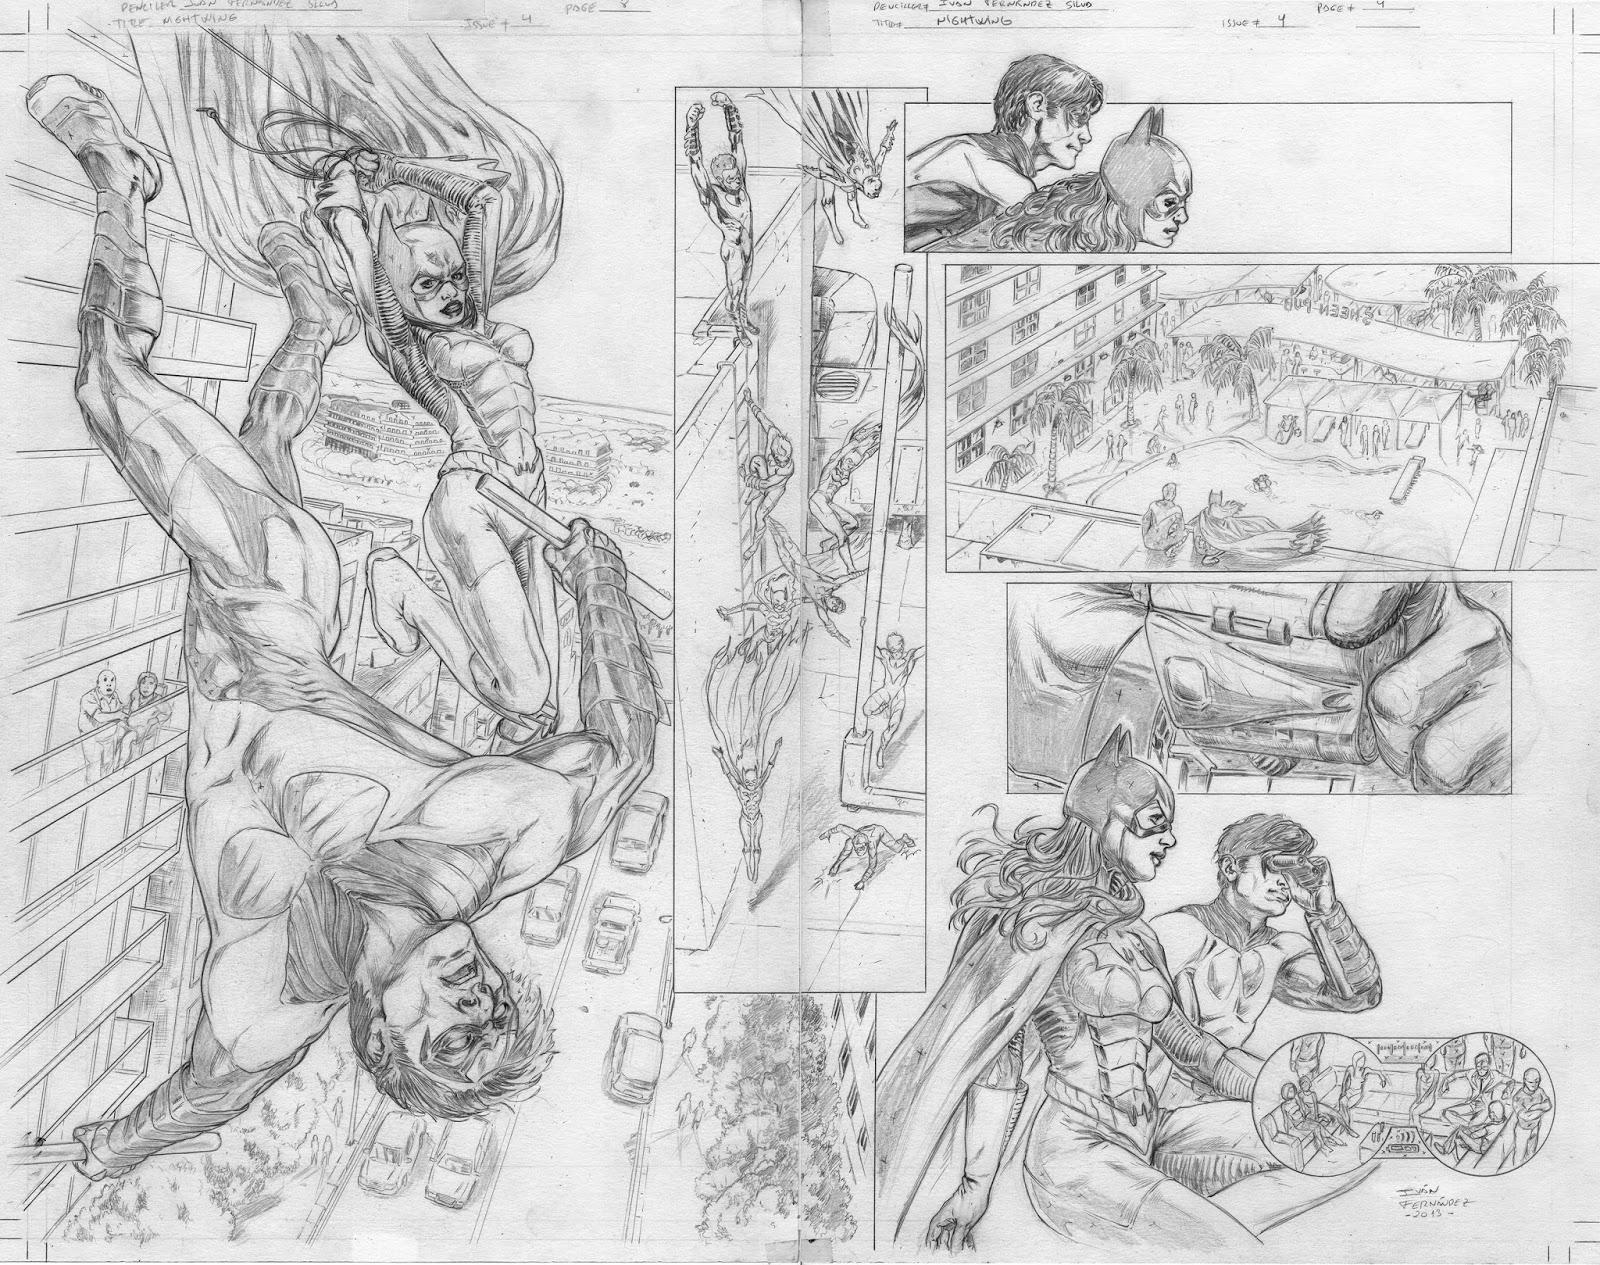 Ivan Fernandez - Art: Nightwing # 4 actualizado.